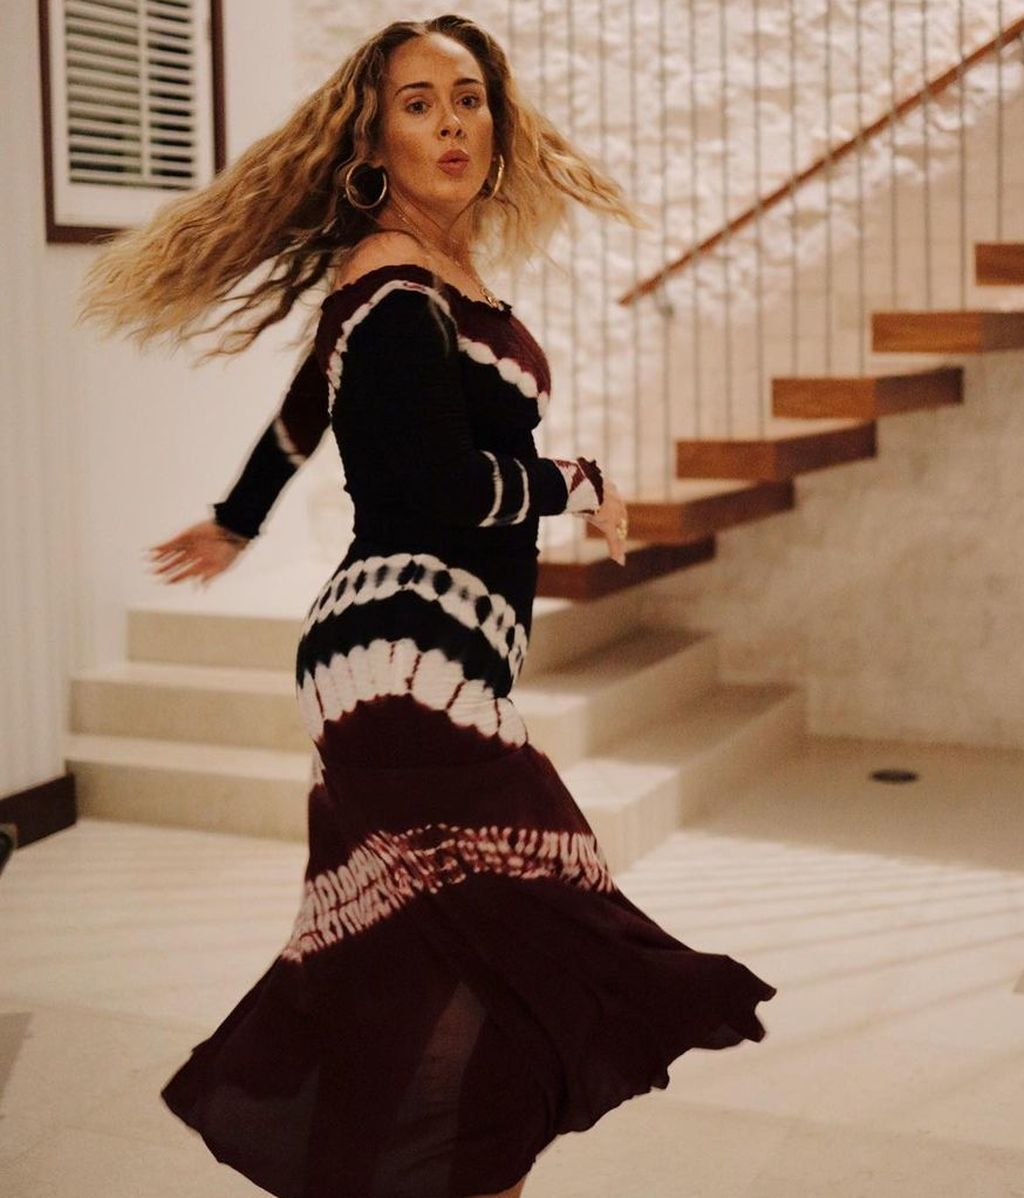 Adele acaba de cumplir 33 años